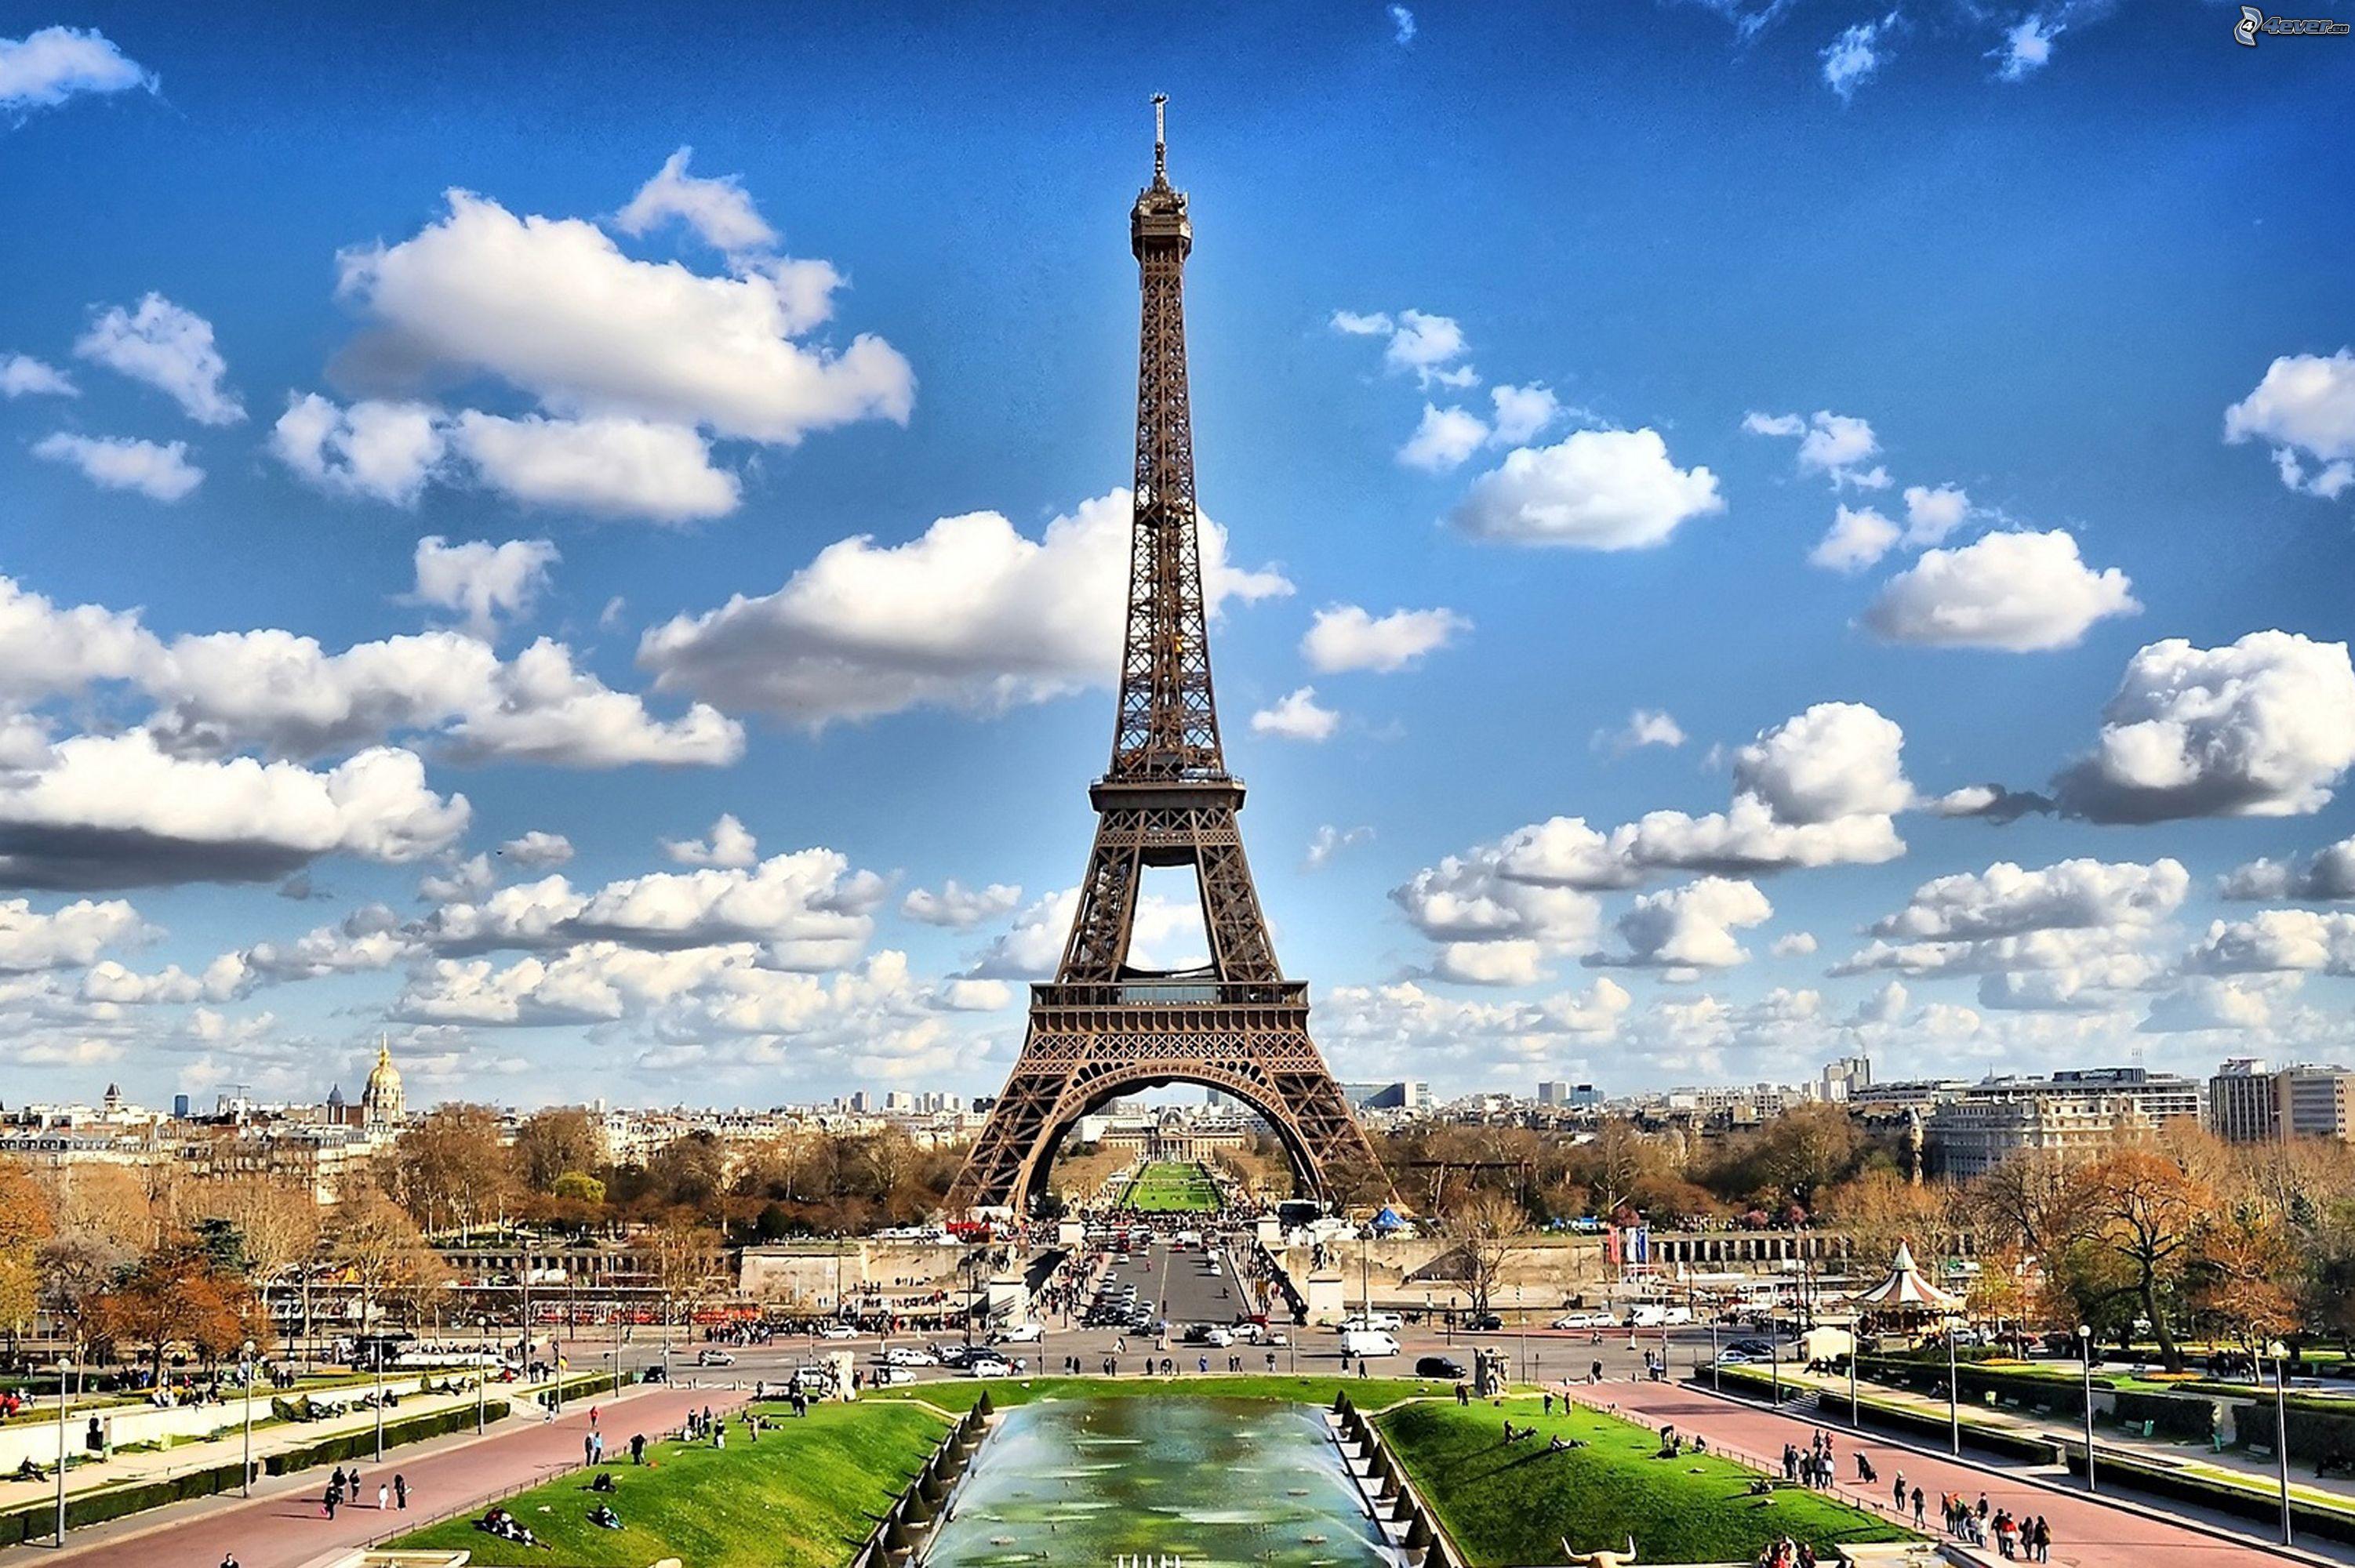 Paris is a fashion hub